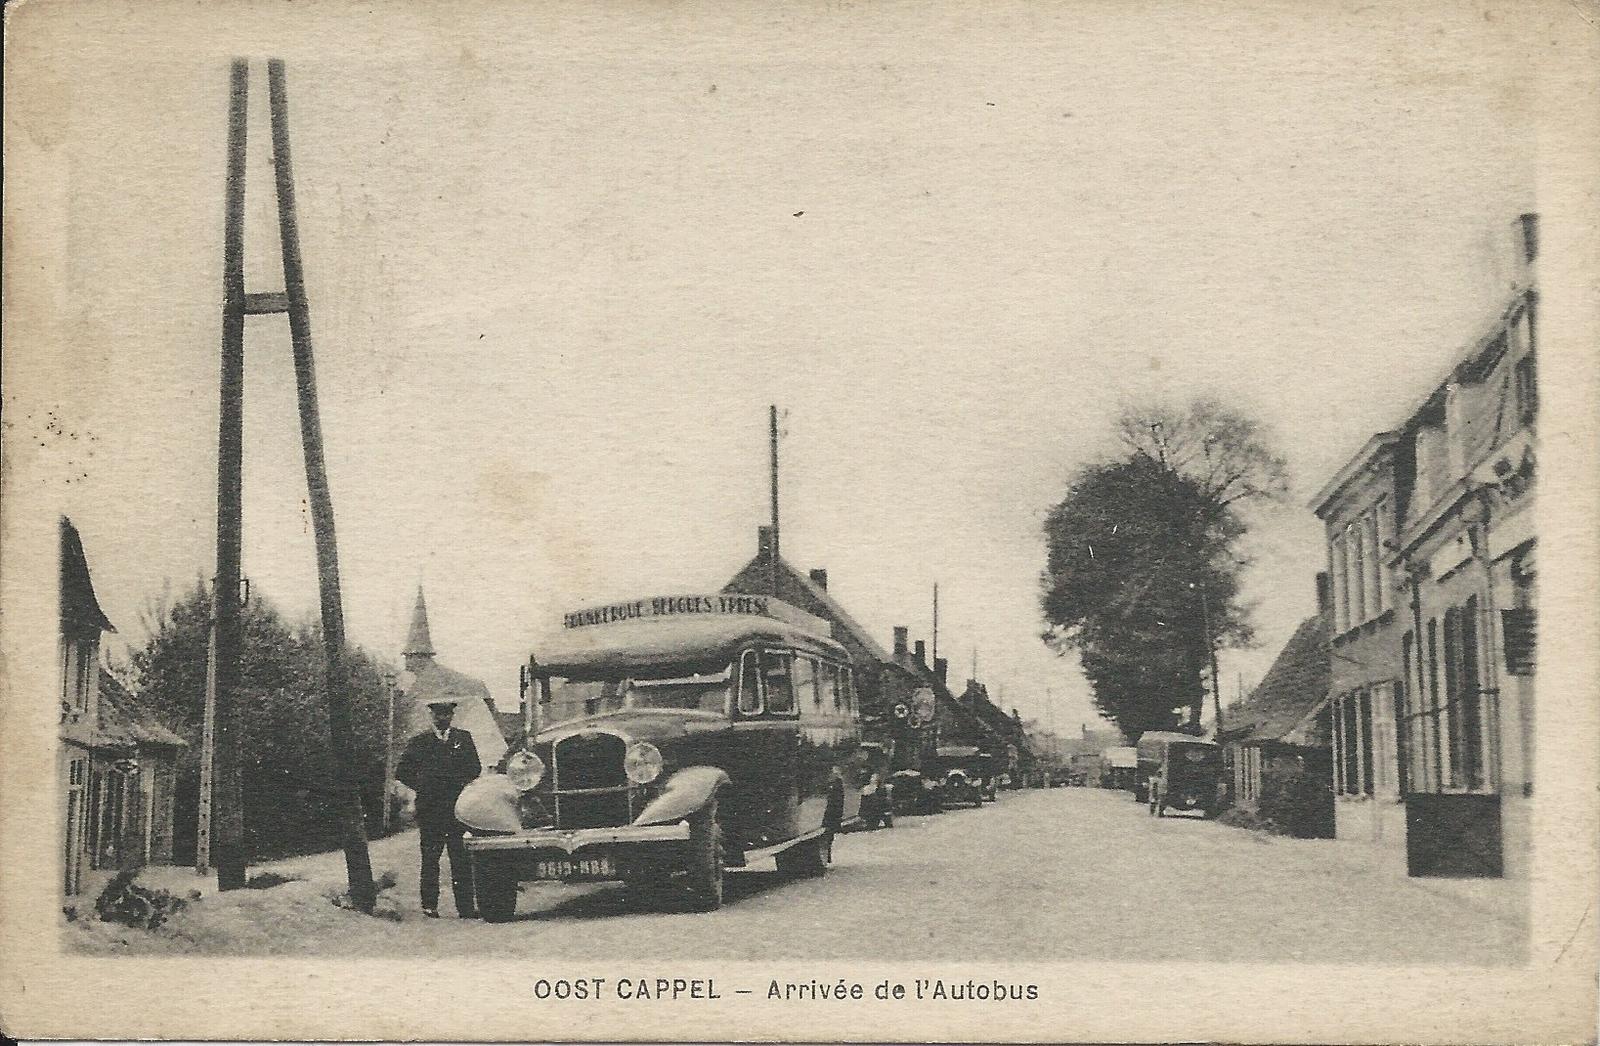 Oost-Cappel - Les bus traversant les frontières existaient il y a plus de  80 ans déjà . - Carte postale ancienne et vue d'Hier et Aujourd'hui -  Geneanet